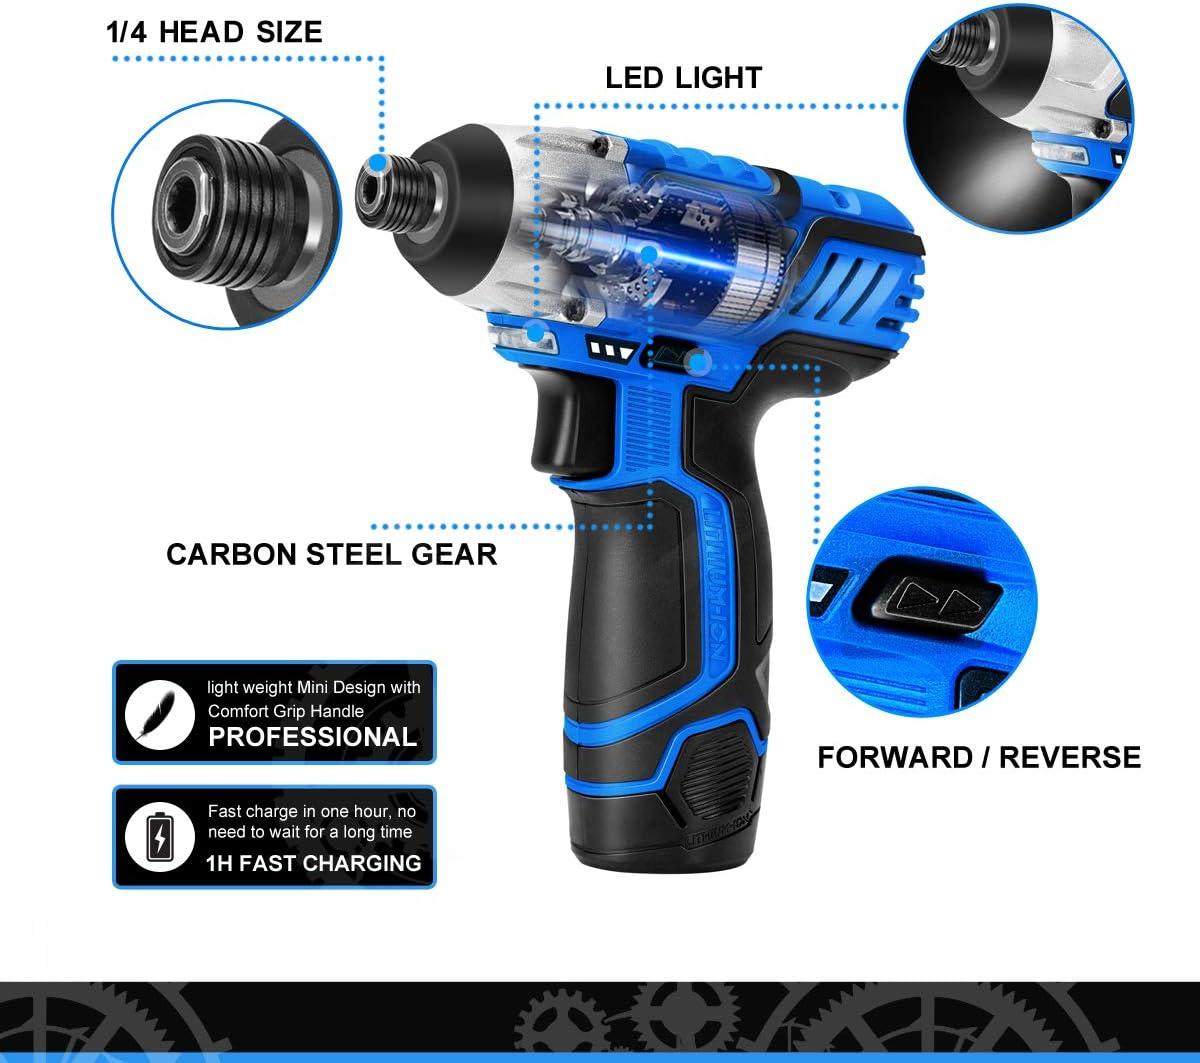 Bateria de Litio 2000 mAh con Luz de LED Prostormer 12V Atornillador El/éctrico Inal/ámbrico 100NM, 2400rpm, 100-240V